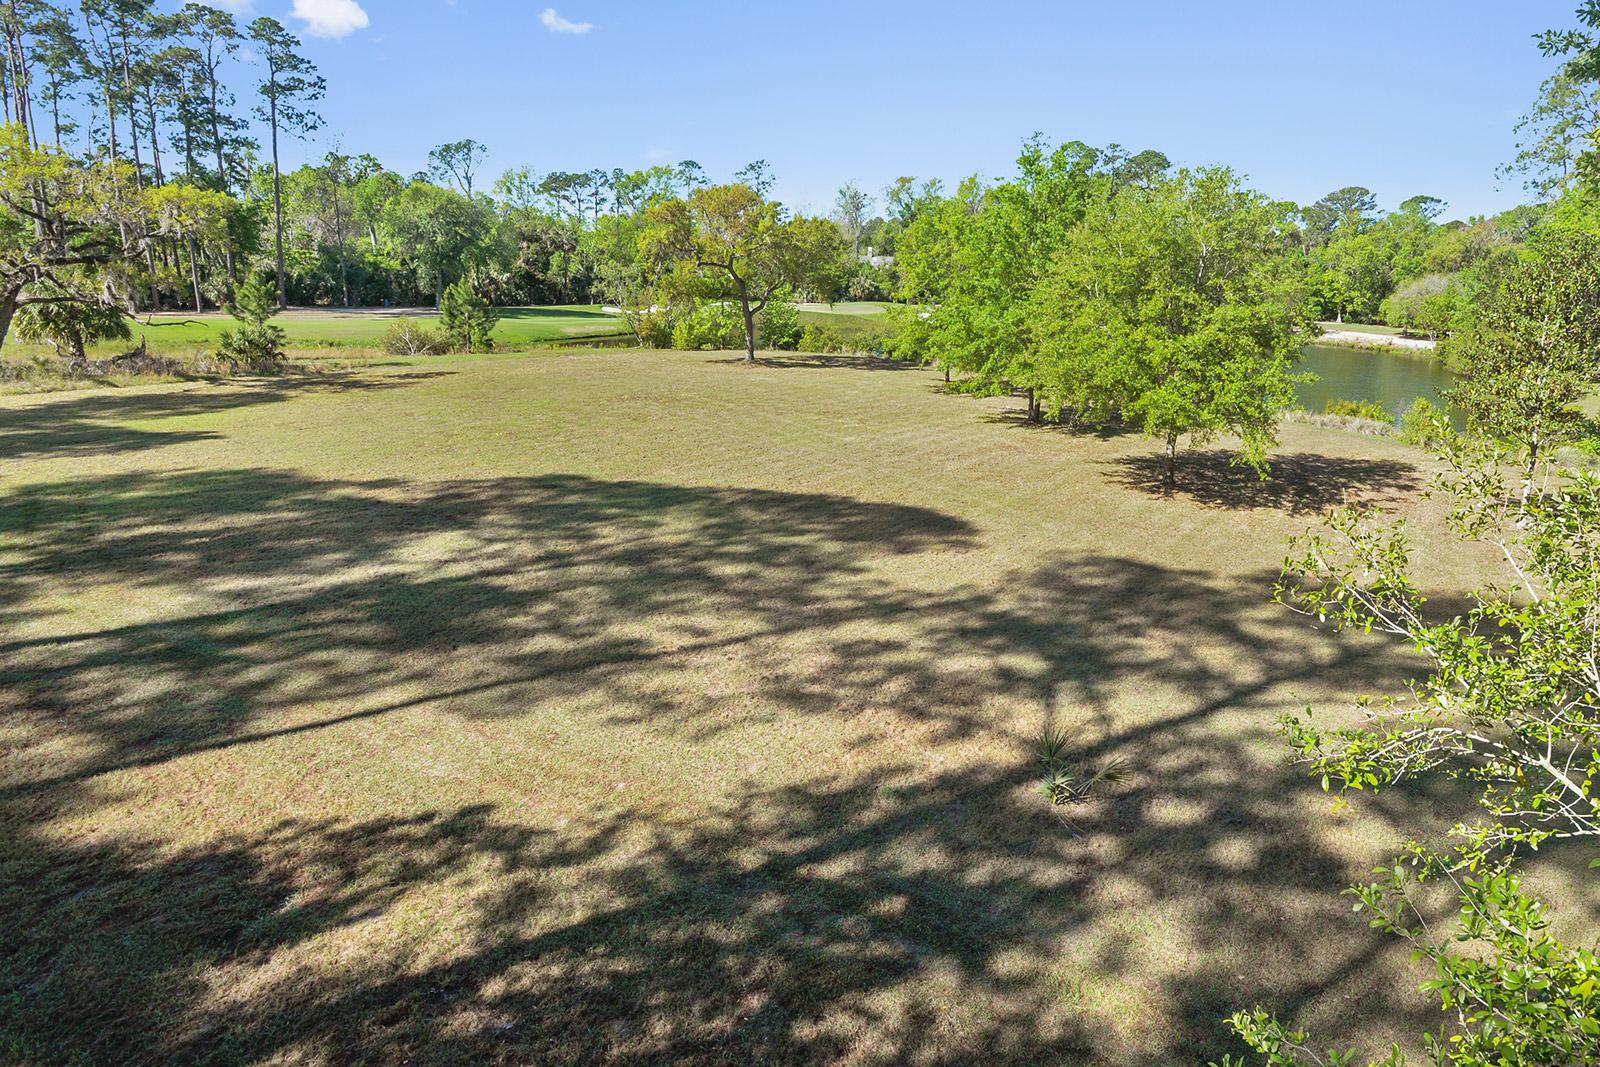 101 Greenleaf Road 101 Greenleaf Road Bluffton, South Carolina 29910 United States